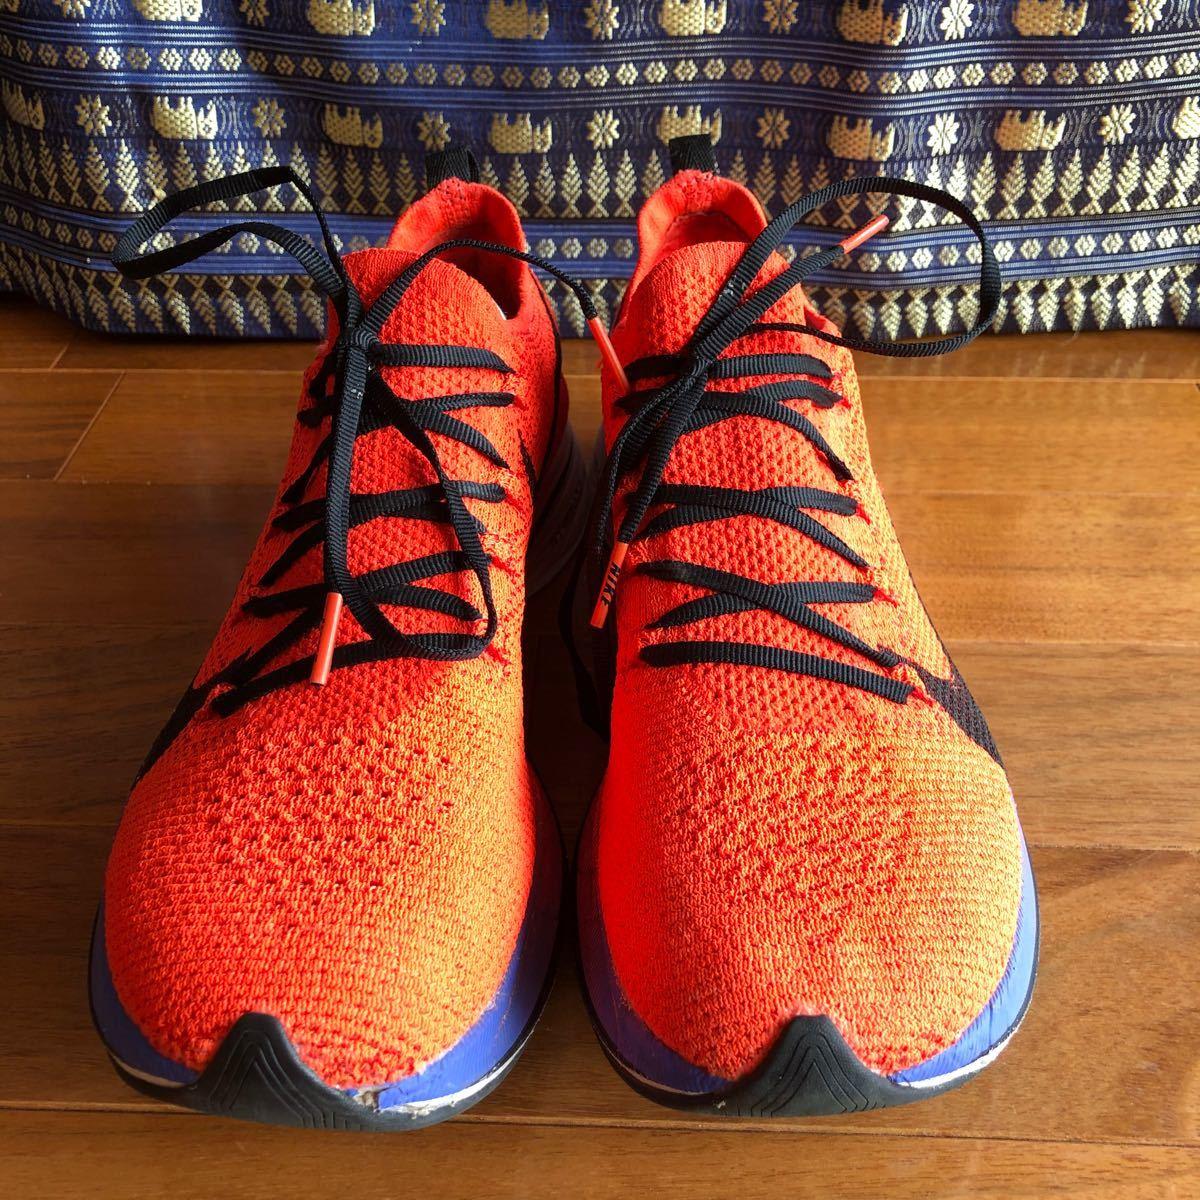 ナイキNike  ヴェイパーフライ 4% オレンジ / ブラック メンズ25.5cm